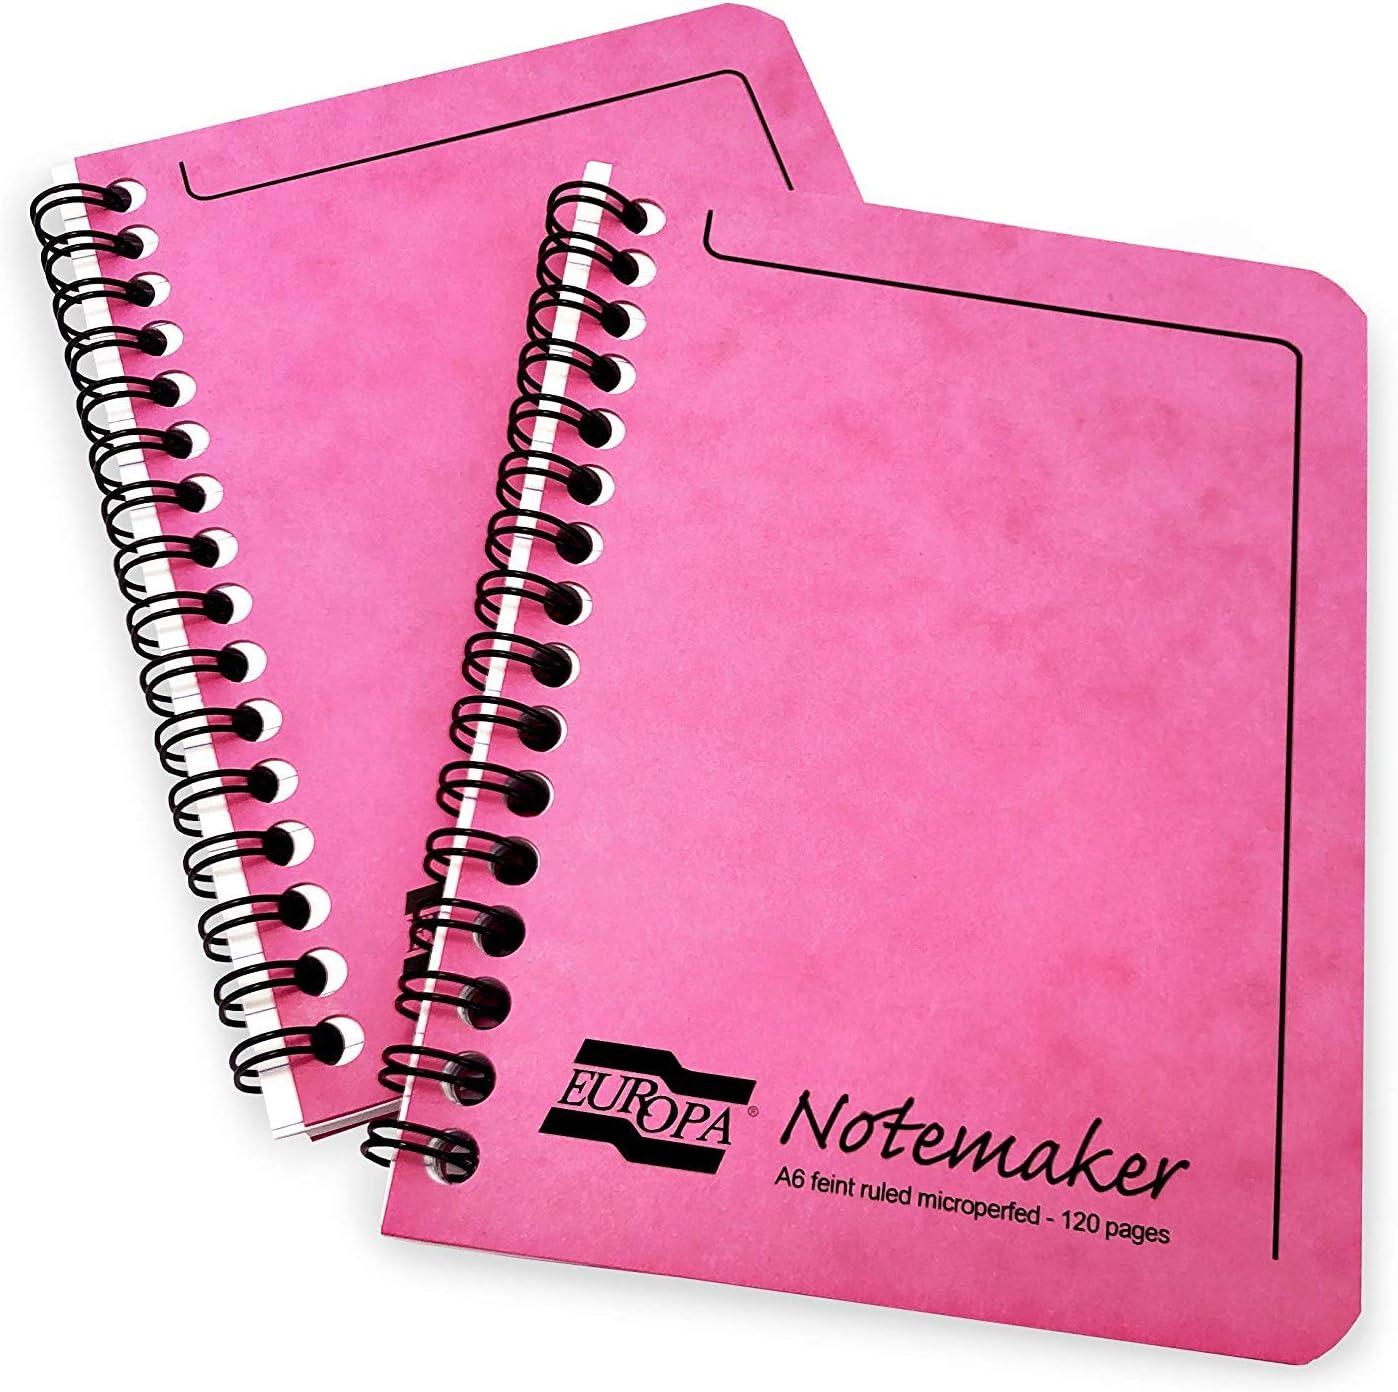 Clairefontaine Europa Cuaderno de Notas Notebook - A6-90gsm-120 Rayado Páginas - Cubierta Rosa - Pack de 2: Amazon.es: Oficina y papelería